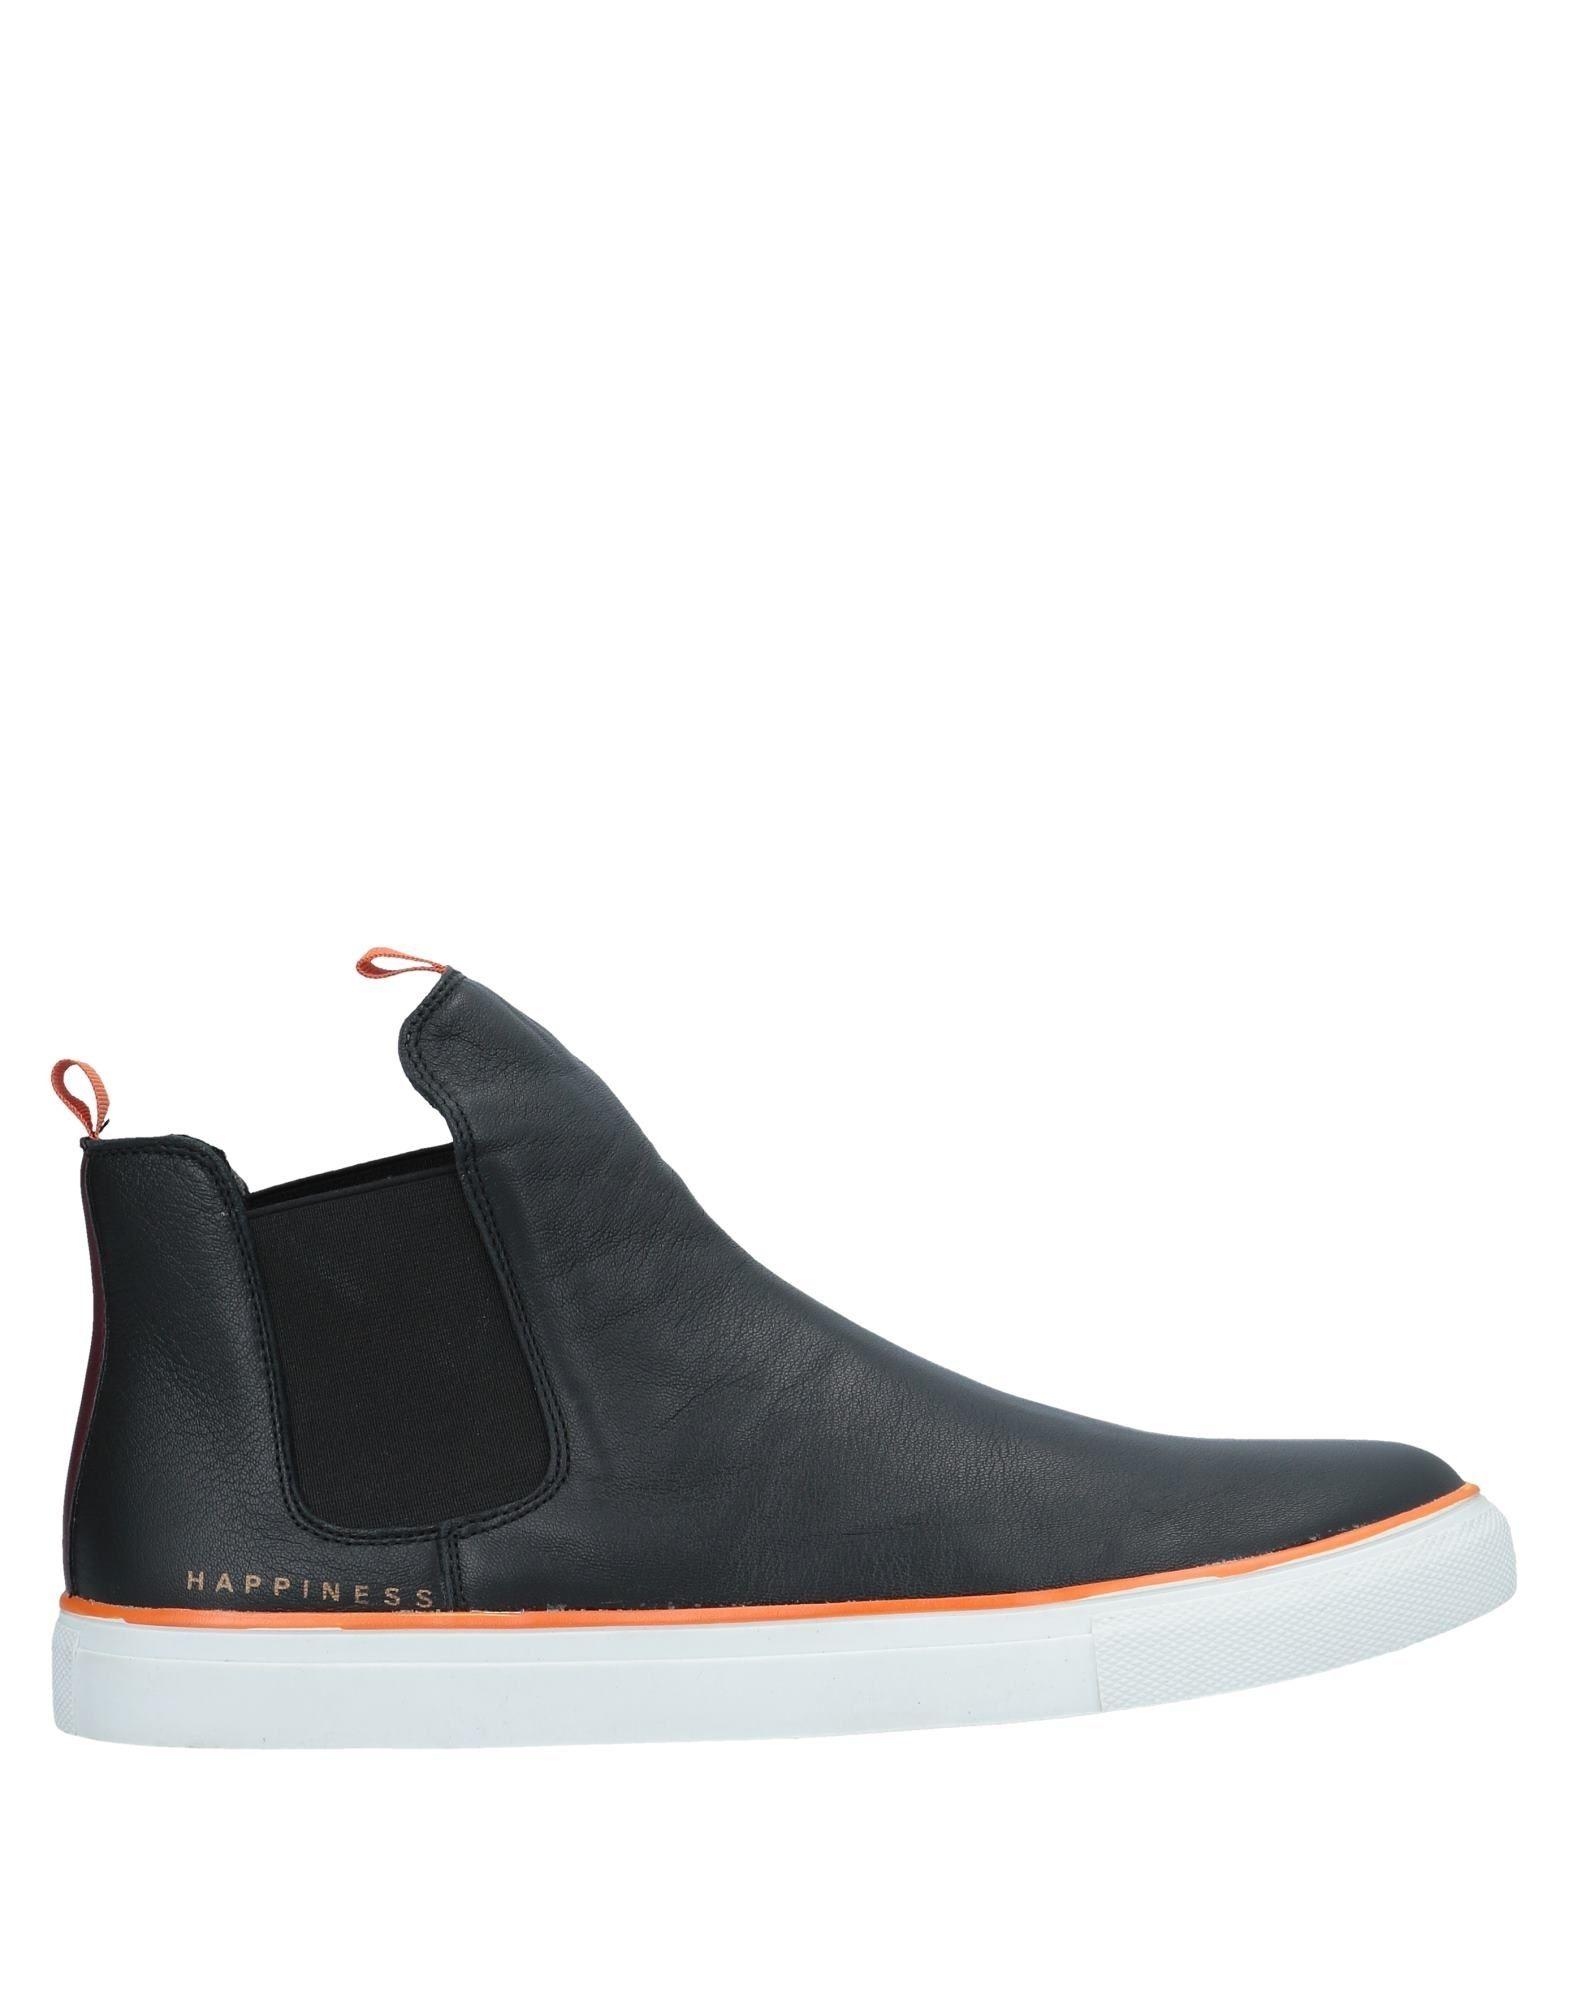 Rabatt echte Schuhe Happiness Stiefelette Herren  11550703OL